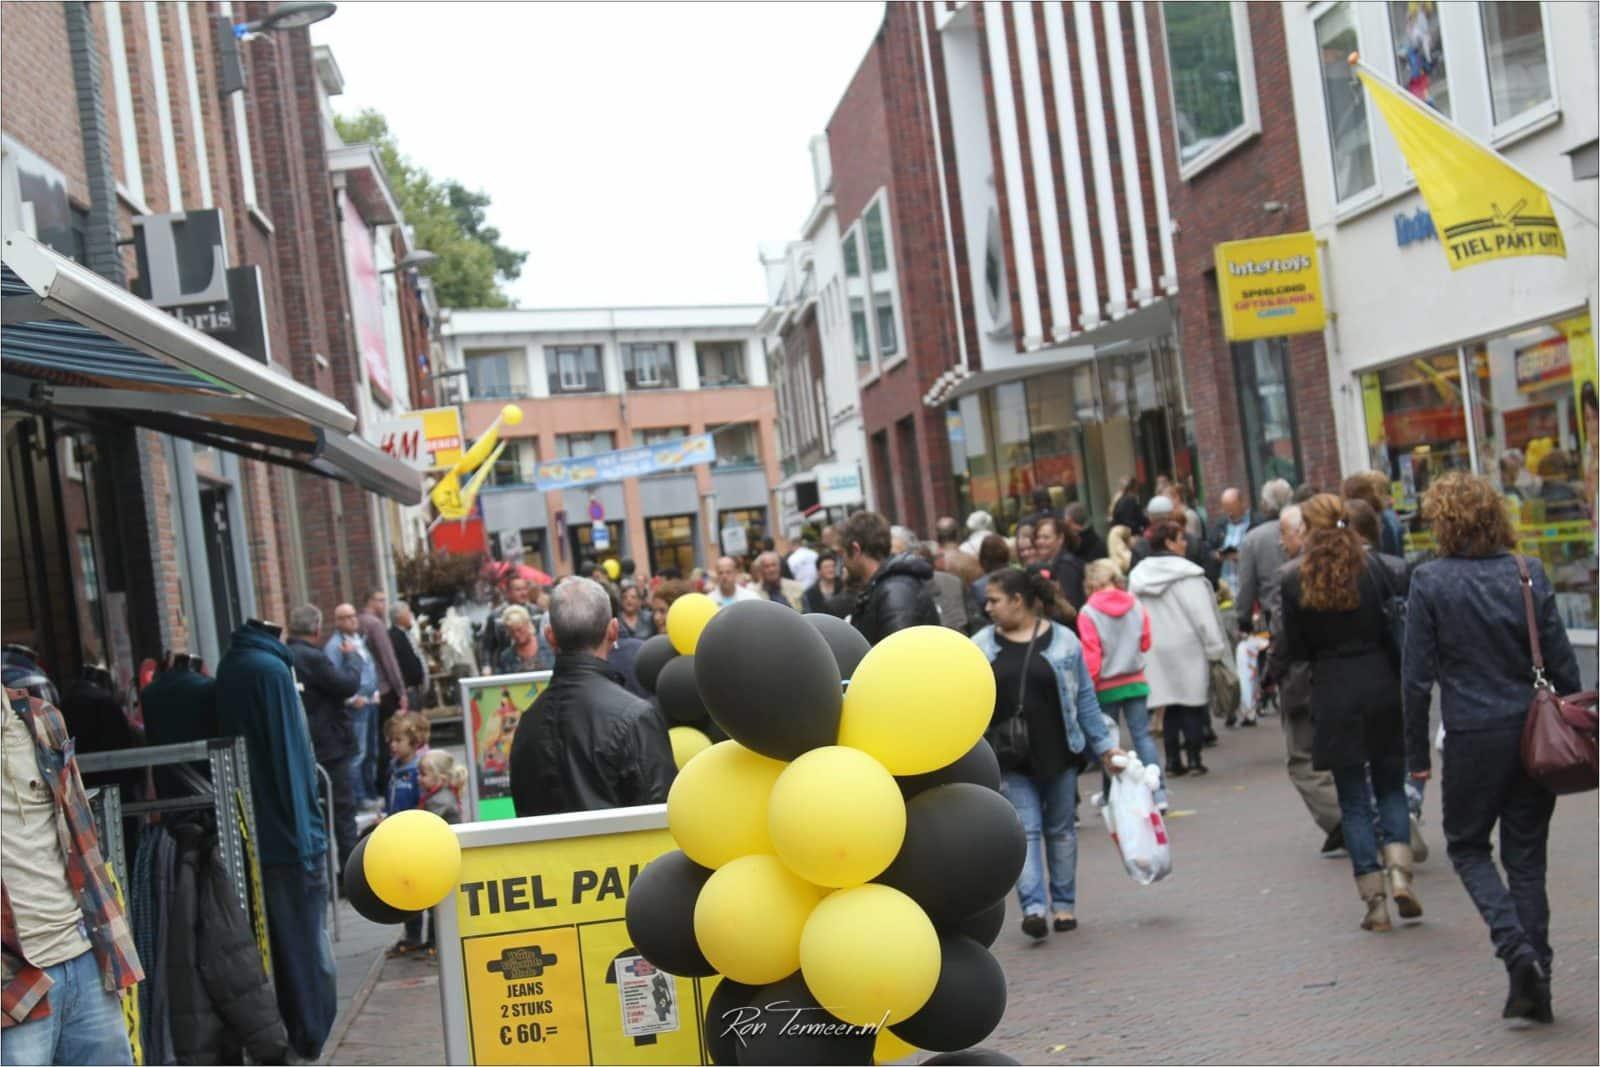 Krefel Keukens Open Op Zondag : Stufkens Optiek open op zondag 2 oktober met Tiel Pakt Uit!